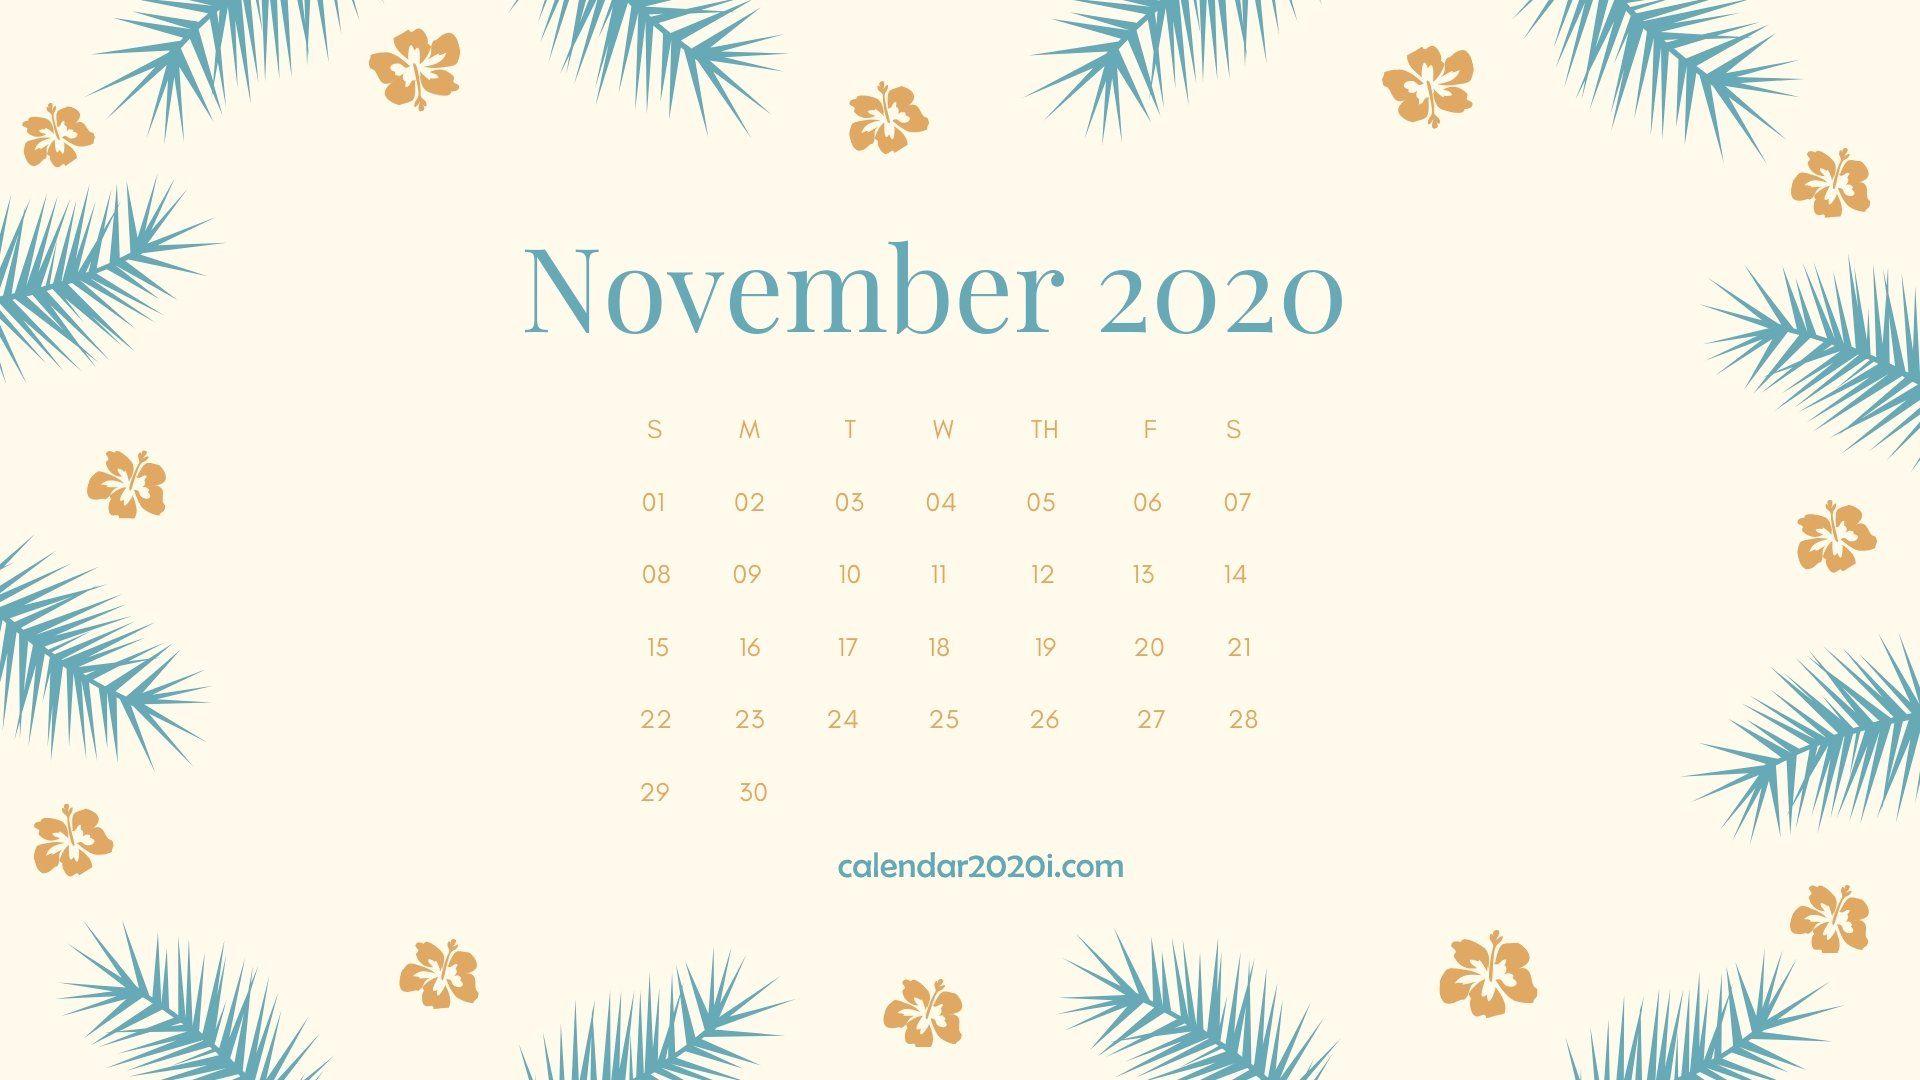 Calendar Monthly Hd Wallpaper - November Wallpaper Calendar 2020 , HD Wallpaper & Backgrounds